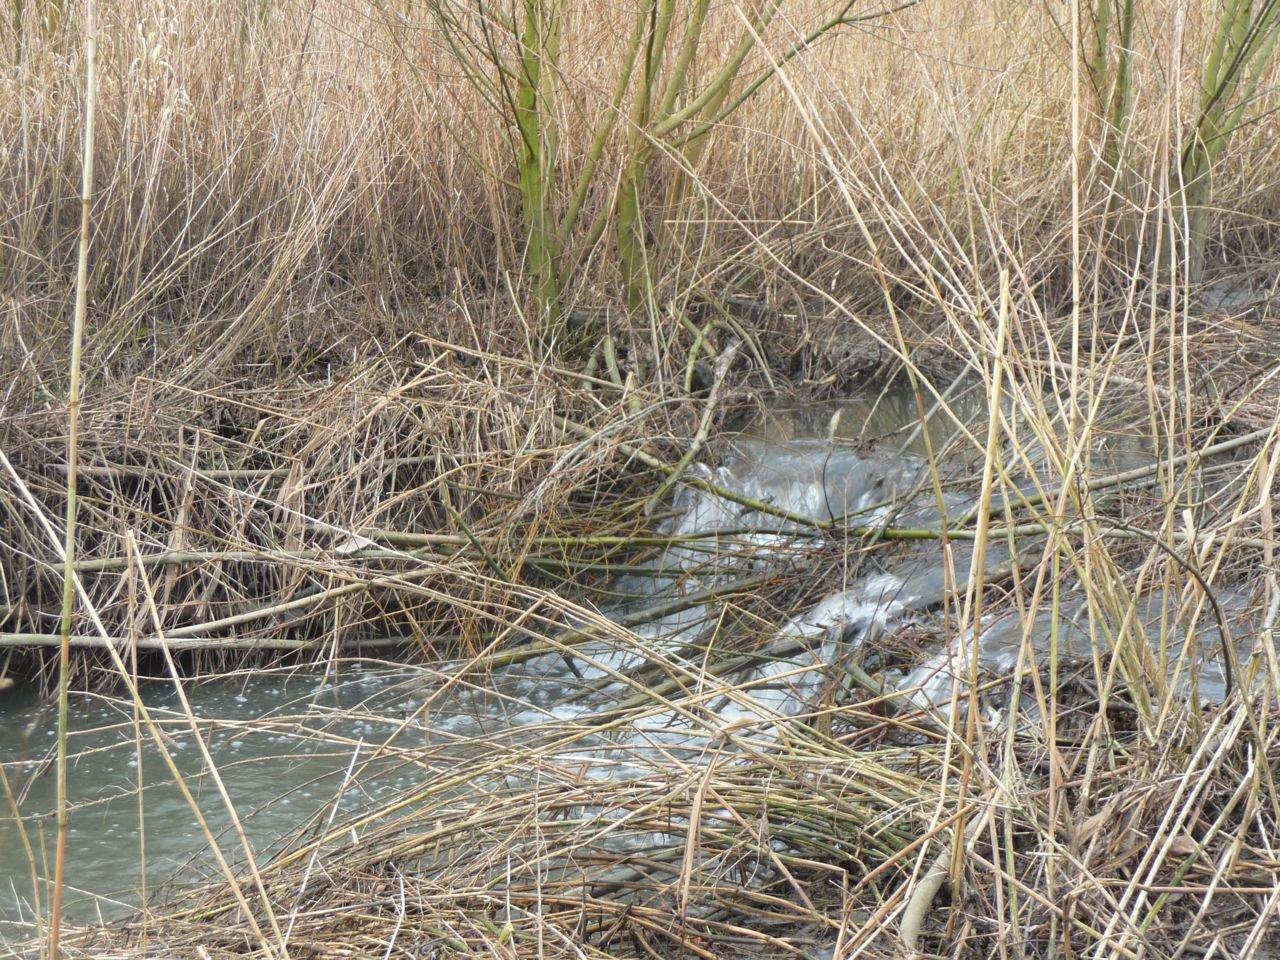 Beverdam in het wachtbekken. Deze beperkte waterstandverhoging levert momenteel geen problemen op.(foto: Daan Stemgee)